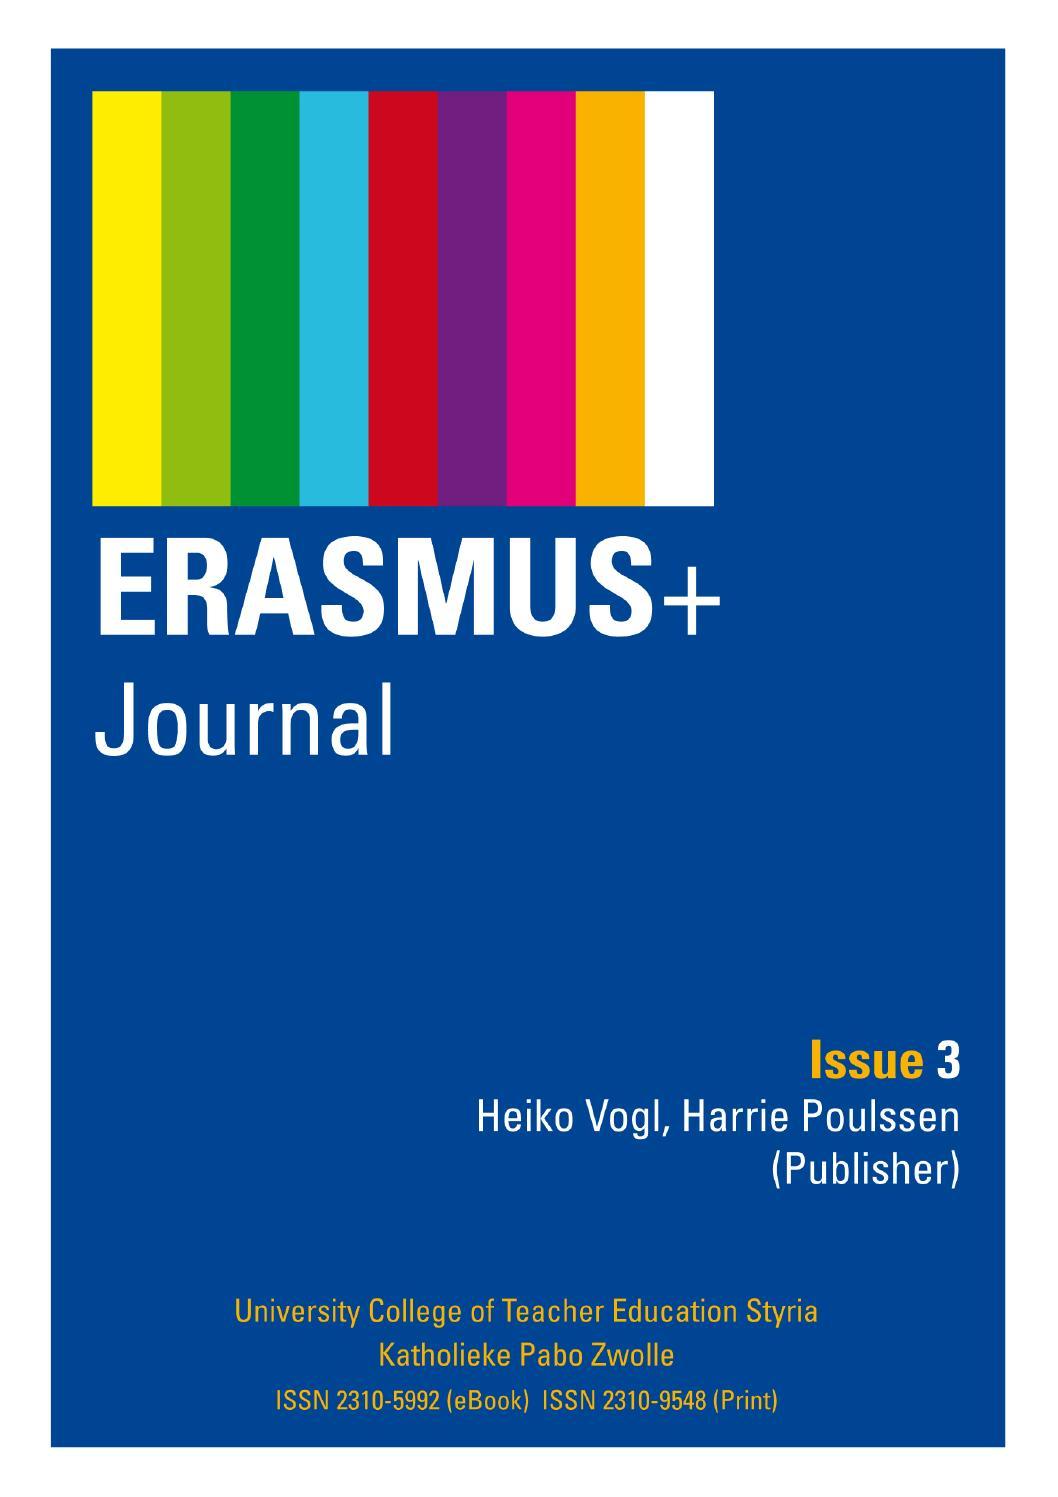 Erasmus journal issue 3 by heiko vogl issuu fandeluxe Choice Image